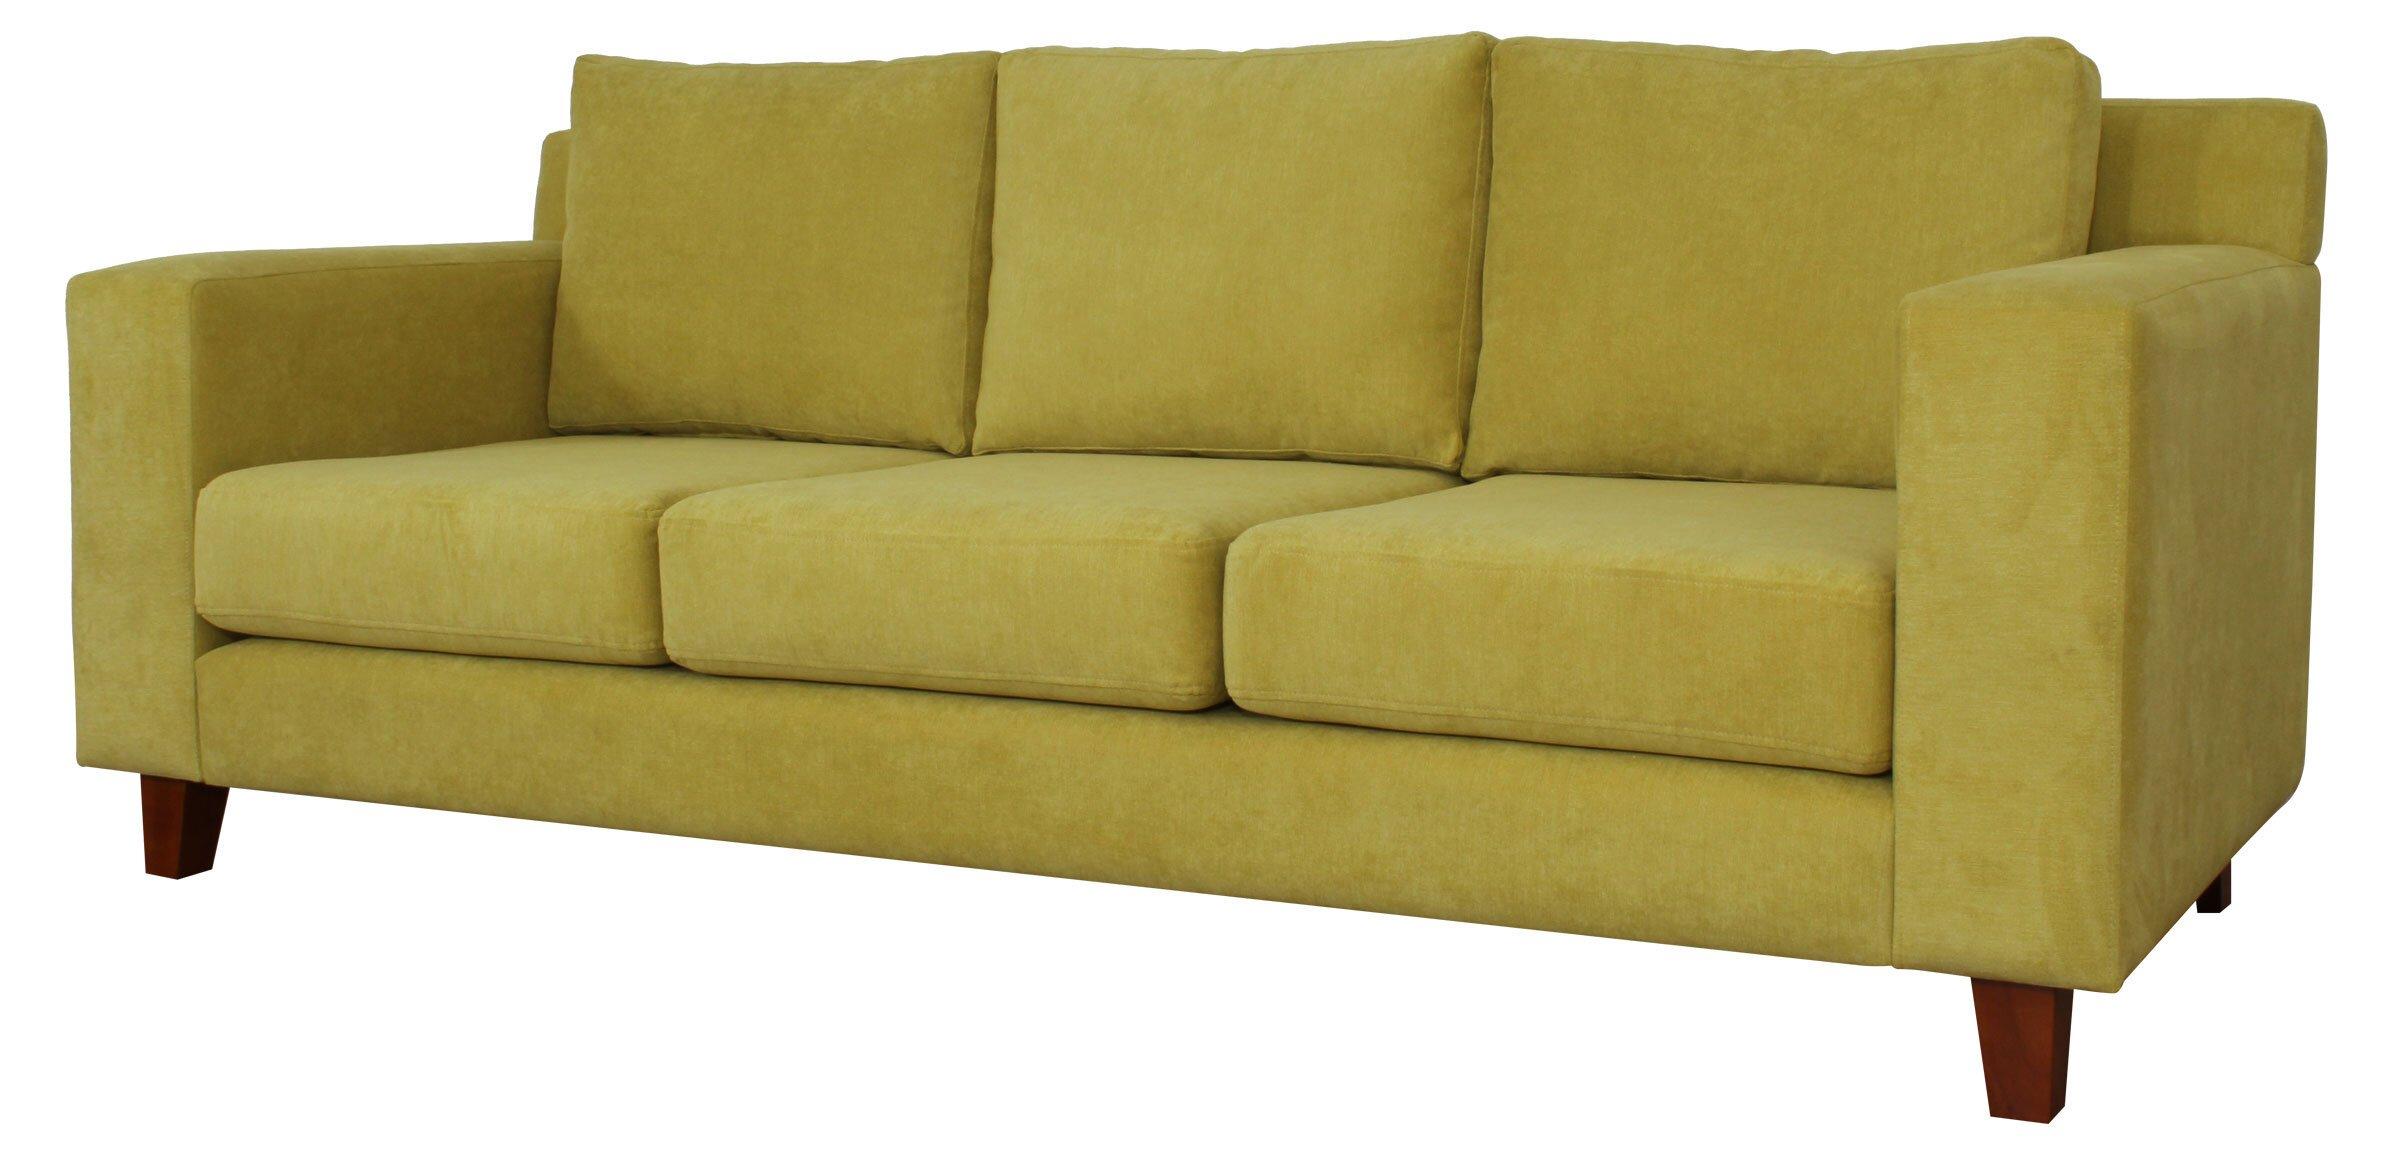 Sofa 3c Respaldo Continuo 2